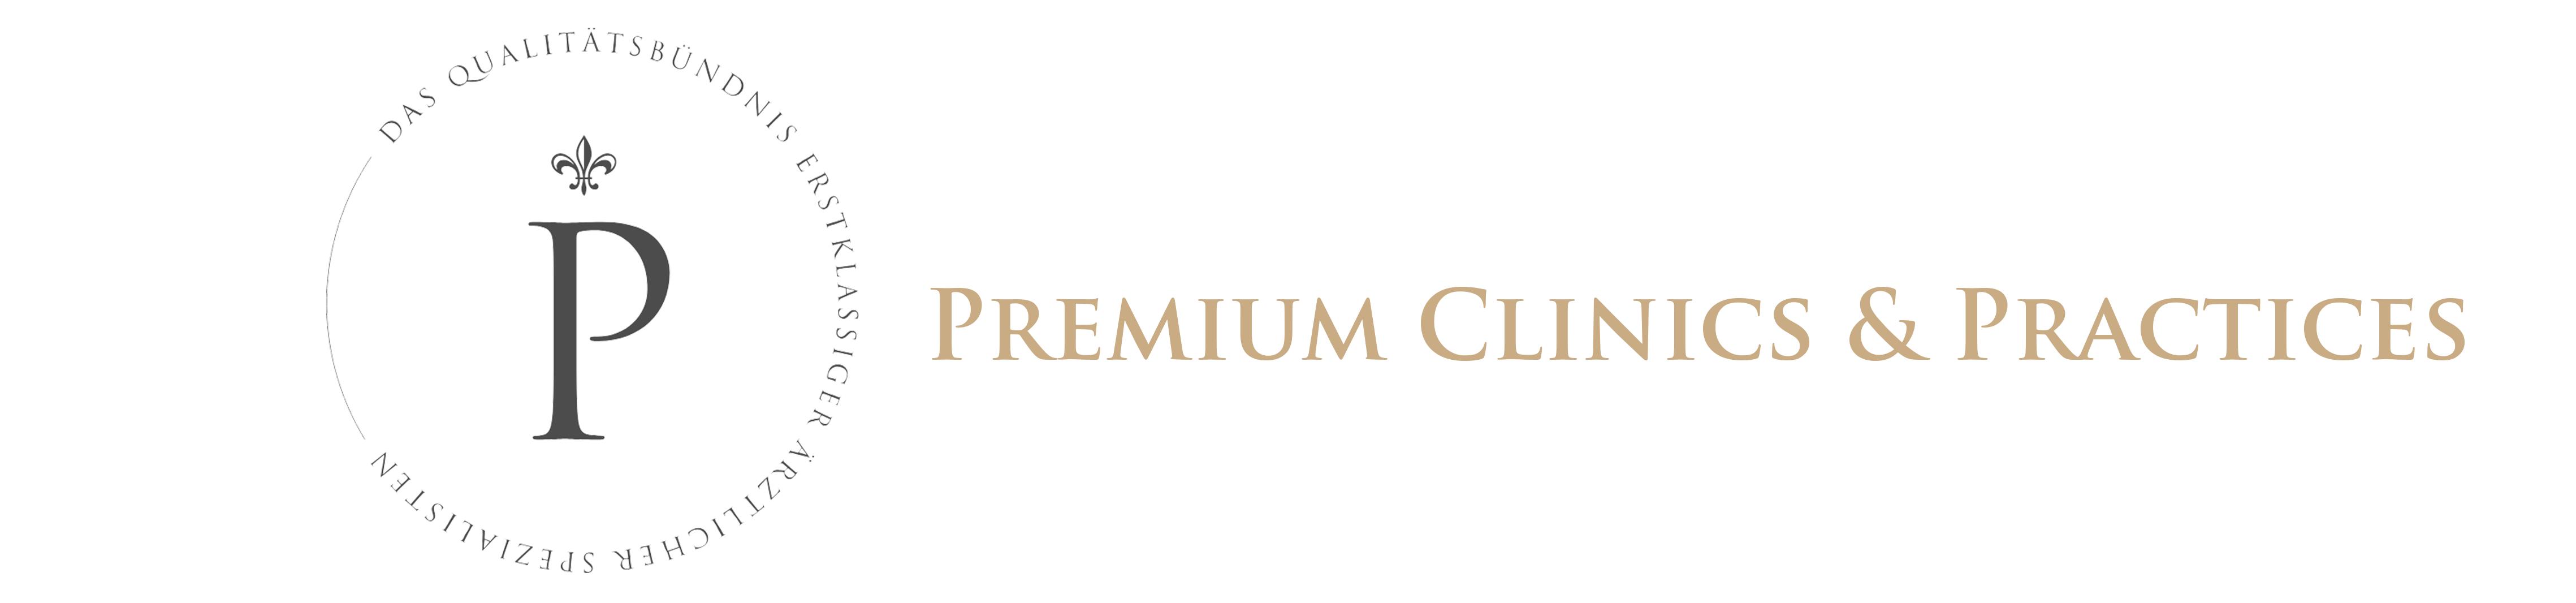 premium clinics